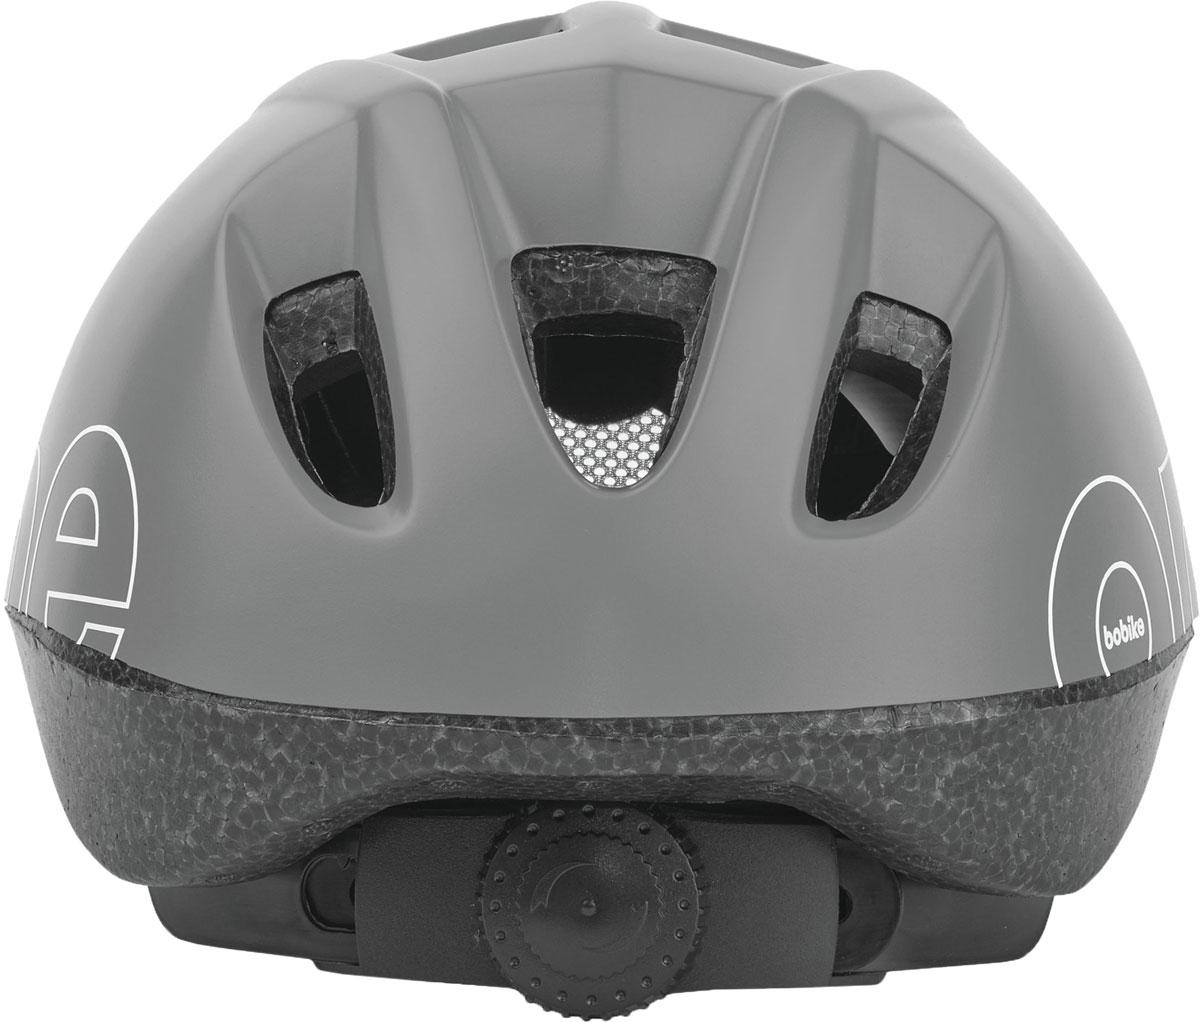 Девиз Bobike – просто безопасно! Важнейшей частью безопасного катания на велосипеде является шлем. Серия шлемов Bobike ONE – это качественные шлемы доступные в цветах кресел Bobike ONE. Вы сможете подобрать шлем отлично дополняющий Ваше кресло, велосипед и образ в целом. Лёгкая конструкция с улучшенной защитой затылка. 9 вентиляционных отверстий обеспечивают великолепную циркуляцию воздуха. Каждое вентиляционное отверстие закрыто противомоскитной сеткой, защищая голову от летящих насекомых. Шлем имеет регулировку размера для идеальной подгонки посадки шлема под голову вашего ребёнка и светоотражающую наклейку на затылке, увеличивающую заметность ребёнка на дороге. • Цвета в стиле кресел Bobike ONE• 9 вентиляционных отверстий• Регулировка размера на затылке• Светоотражающай элемент, для лучше заметности на дороге• Возраст от 1 до 6 лет• Размер XS: от 48 до 53 см• Вес: 230 г.